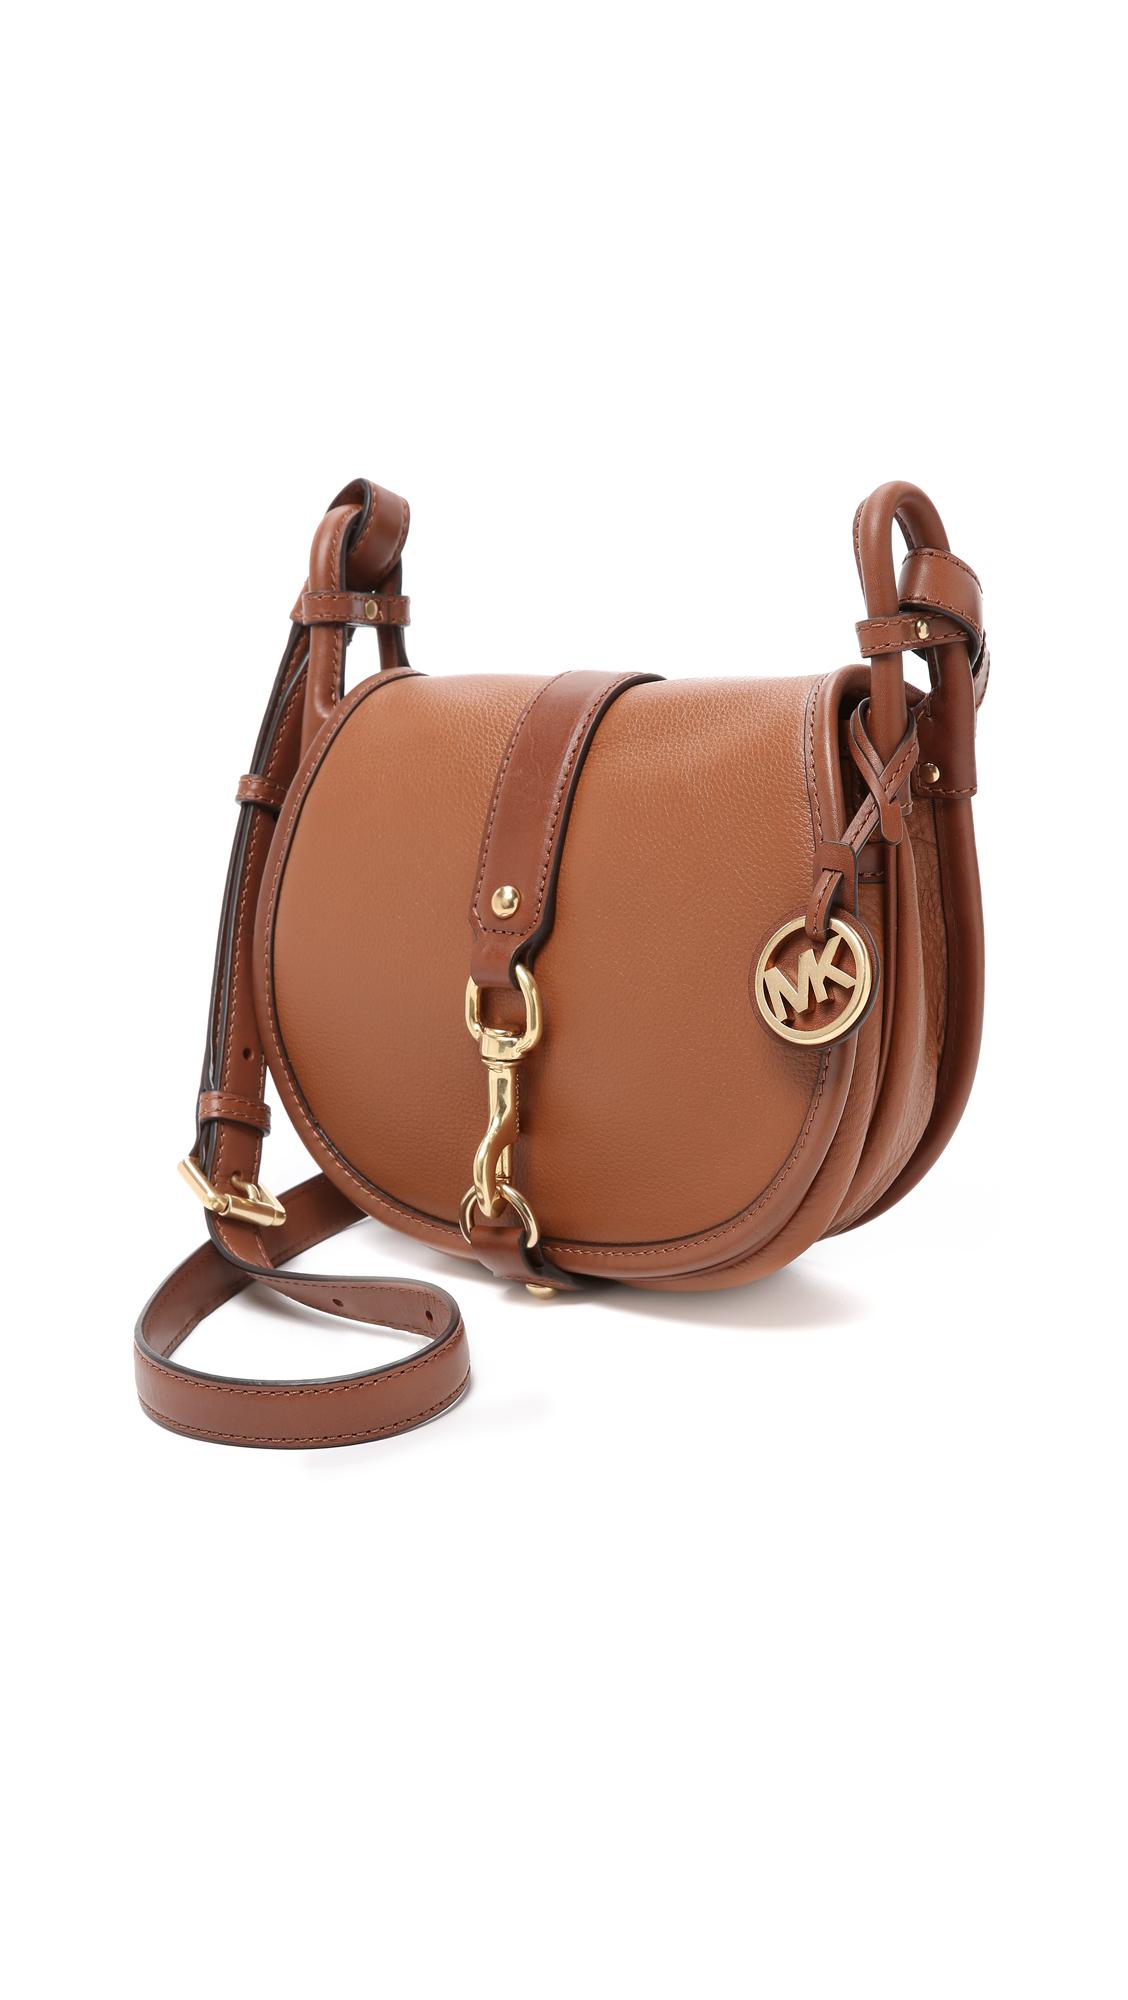 2b171862 MICHAEL Michael Kors Jamie Saddle Bag in Brown - Lyst